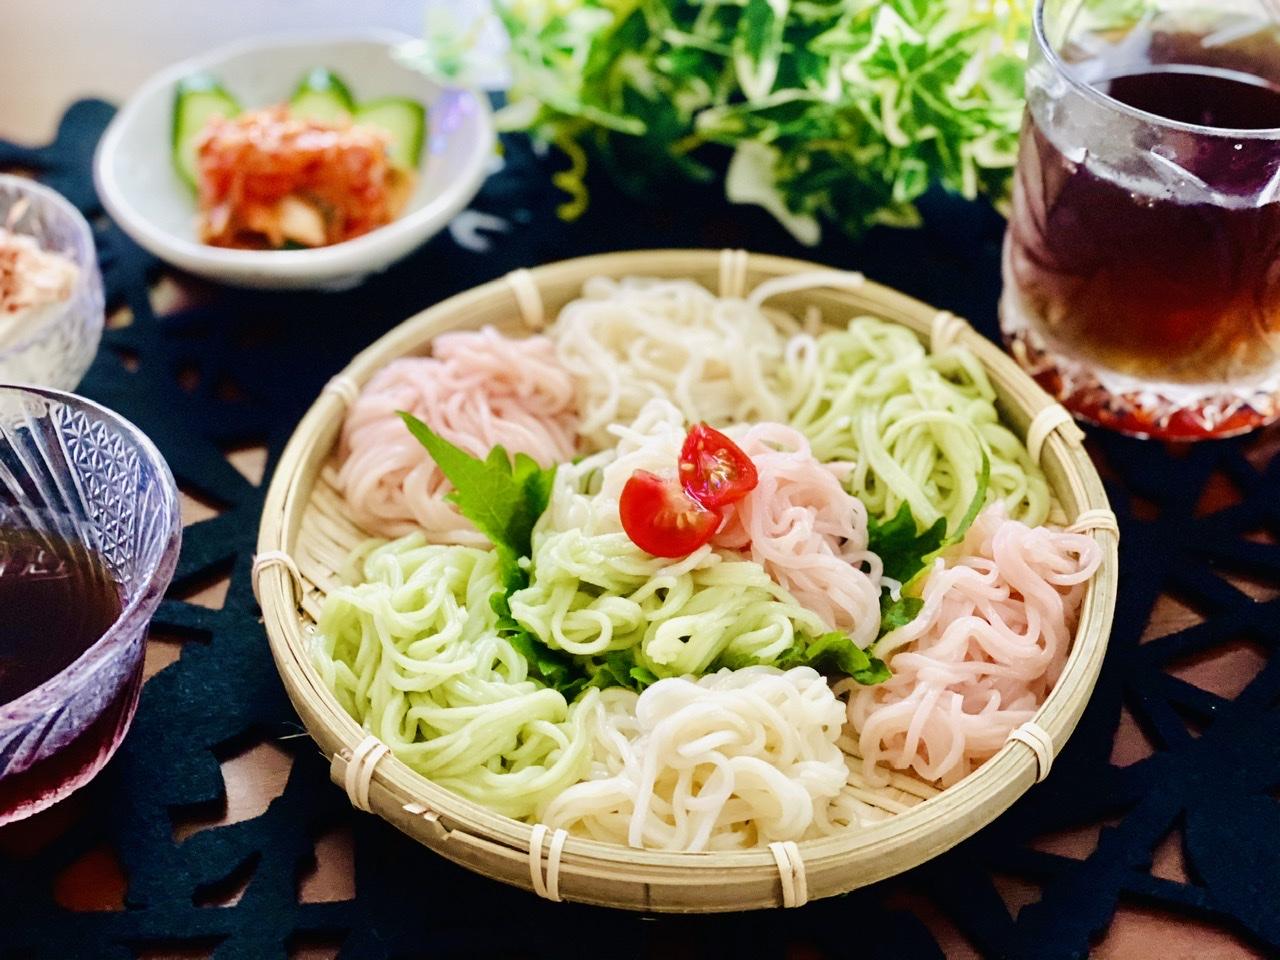 【おうちごはん】いつもの素麺に飽きたときはコレ!《カラフル素麺》で食卓がパッと華やかに♡_5